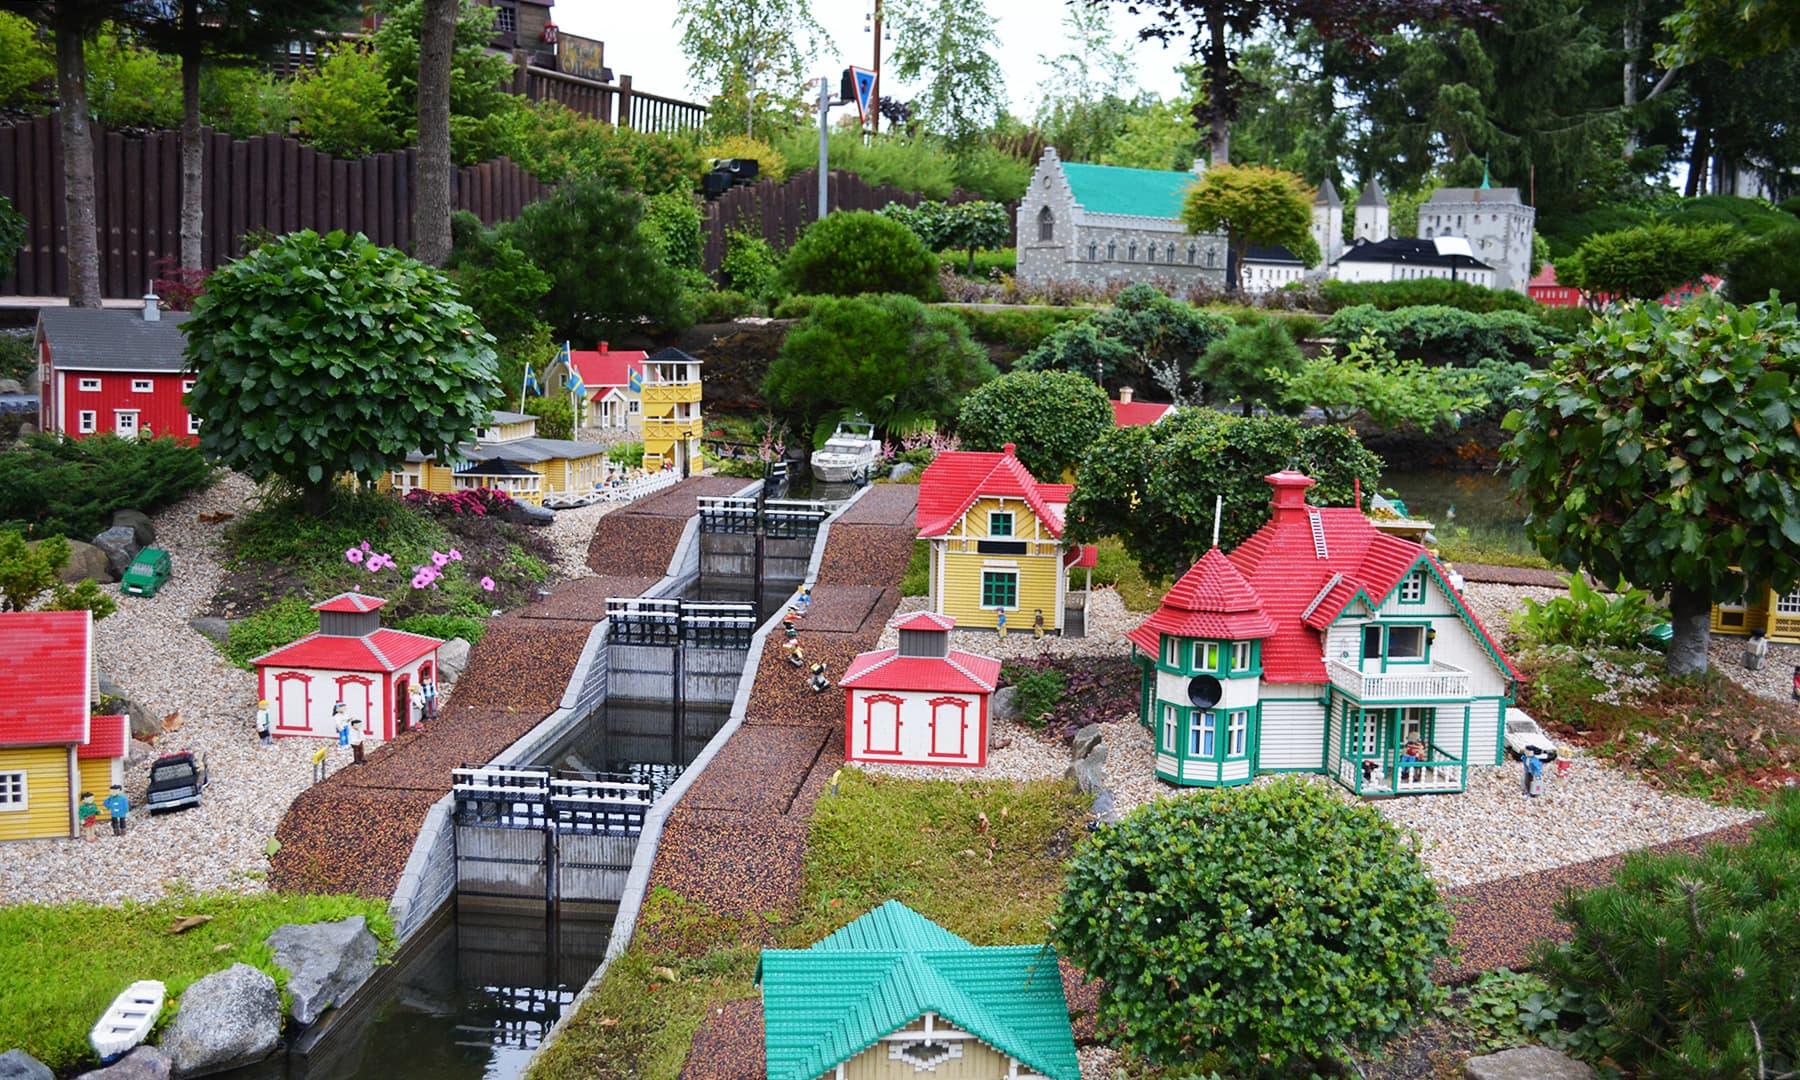 ڈنمارک کا یہ پارک اپنے اندر دنیا کی ہر چیز کو لیگو کھلونوں میں سموئے ہوئے ہے — رمضان رفیق